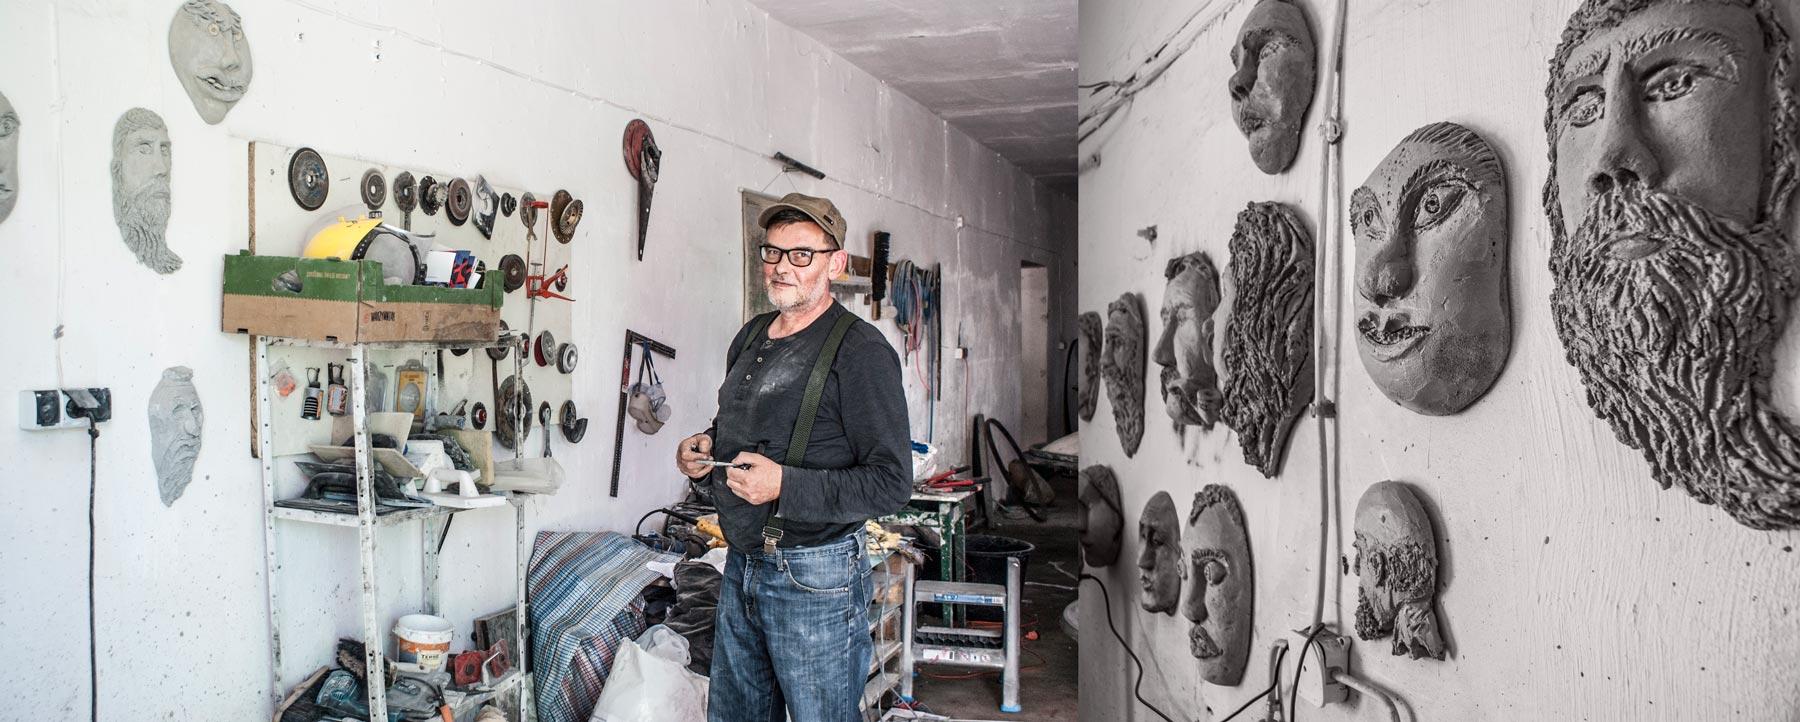 Robert Kowalski przy swoich betonowyh płaskorzeźbach